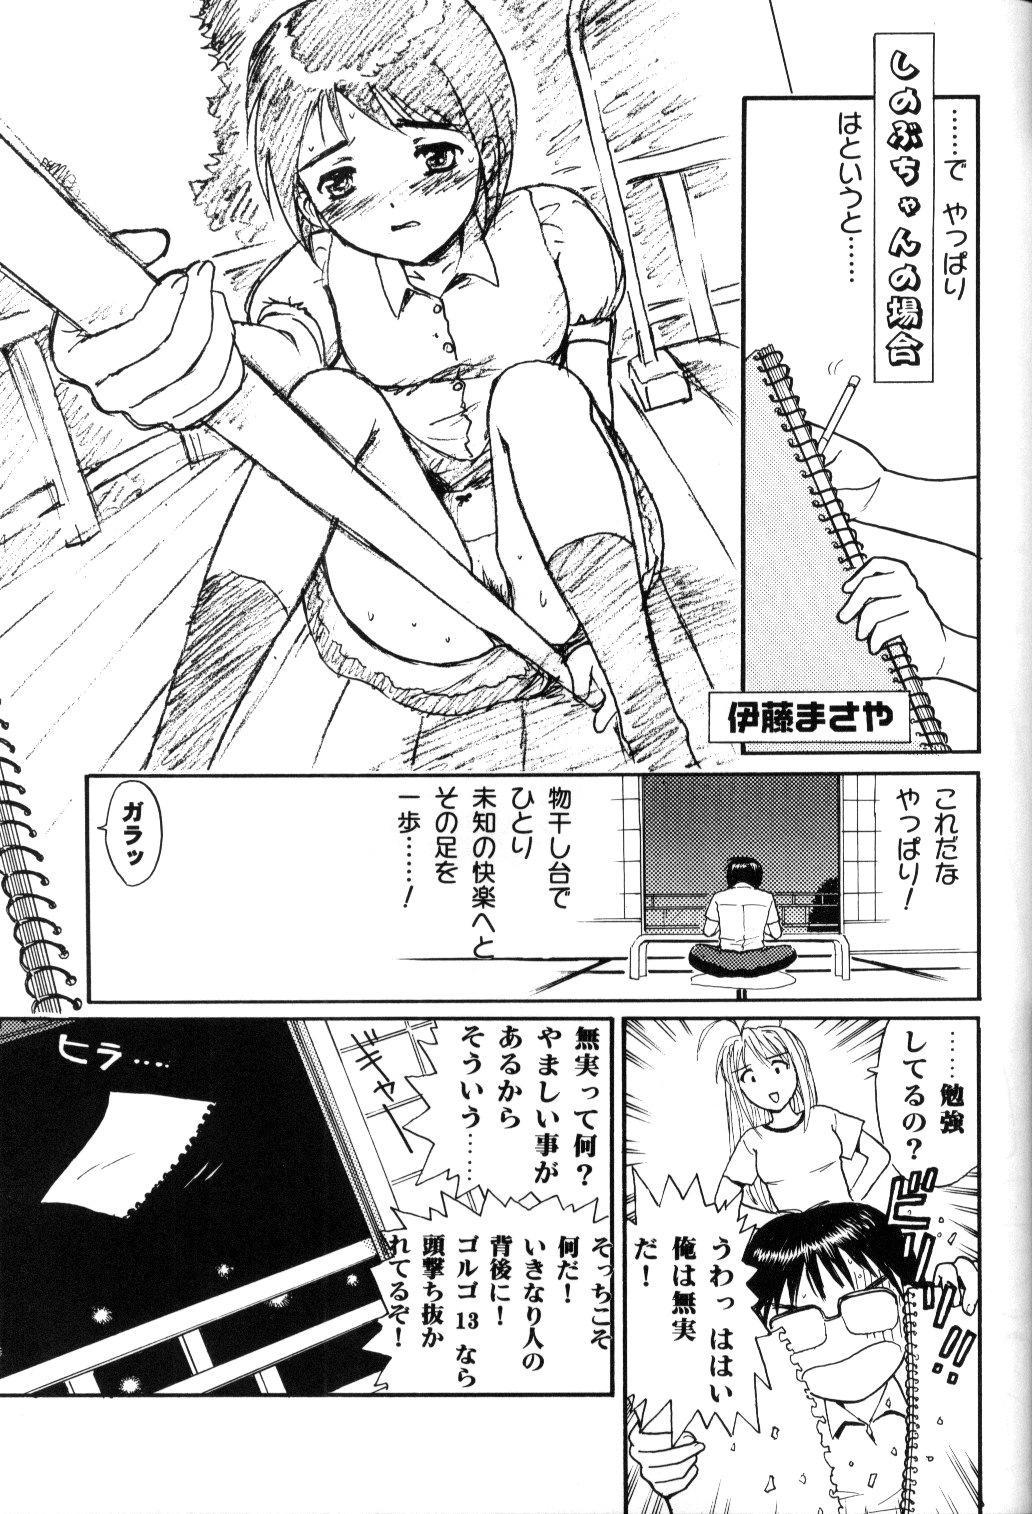 Hinata Sou Dorei Choukyou 51